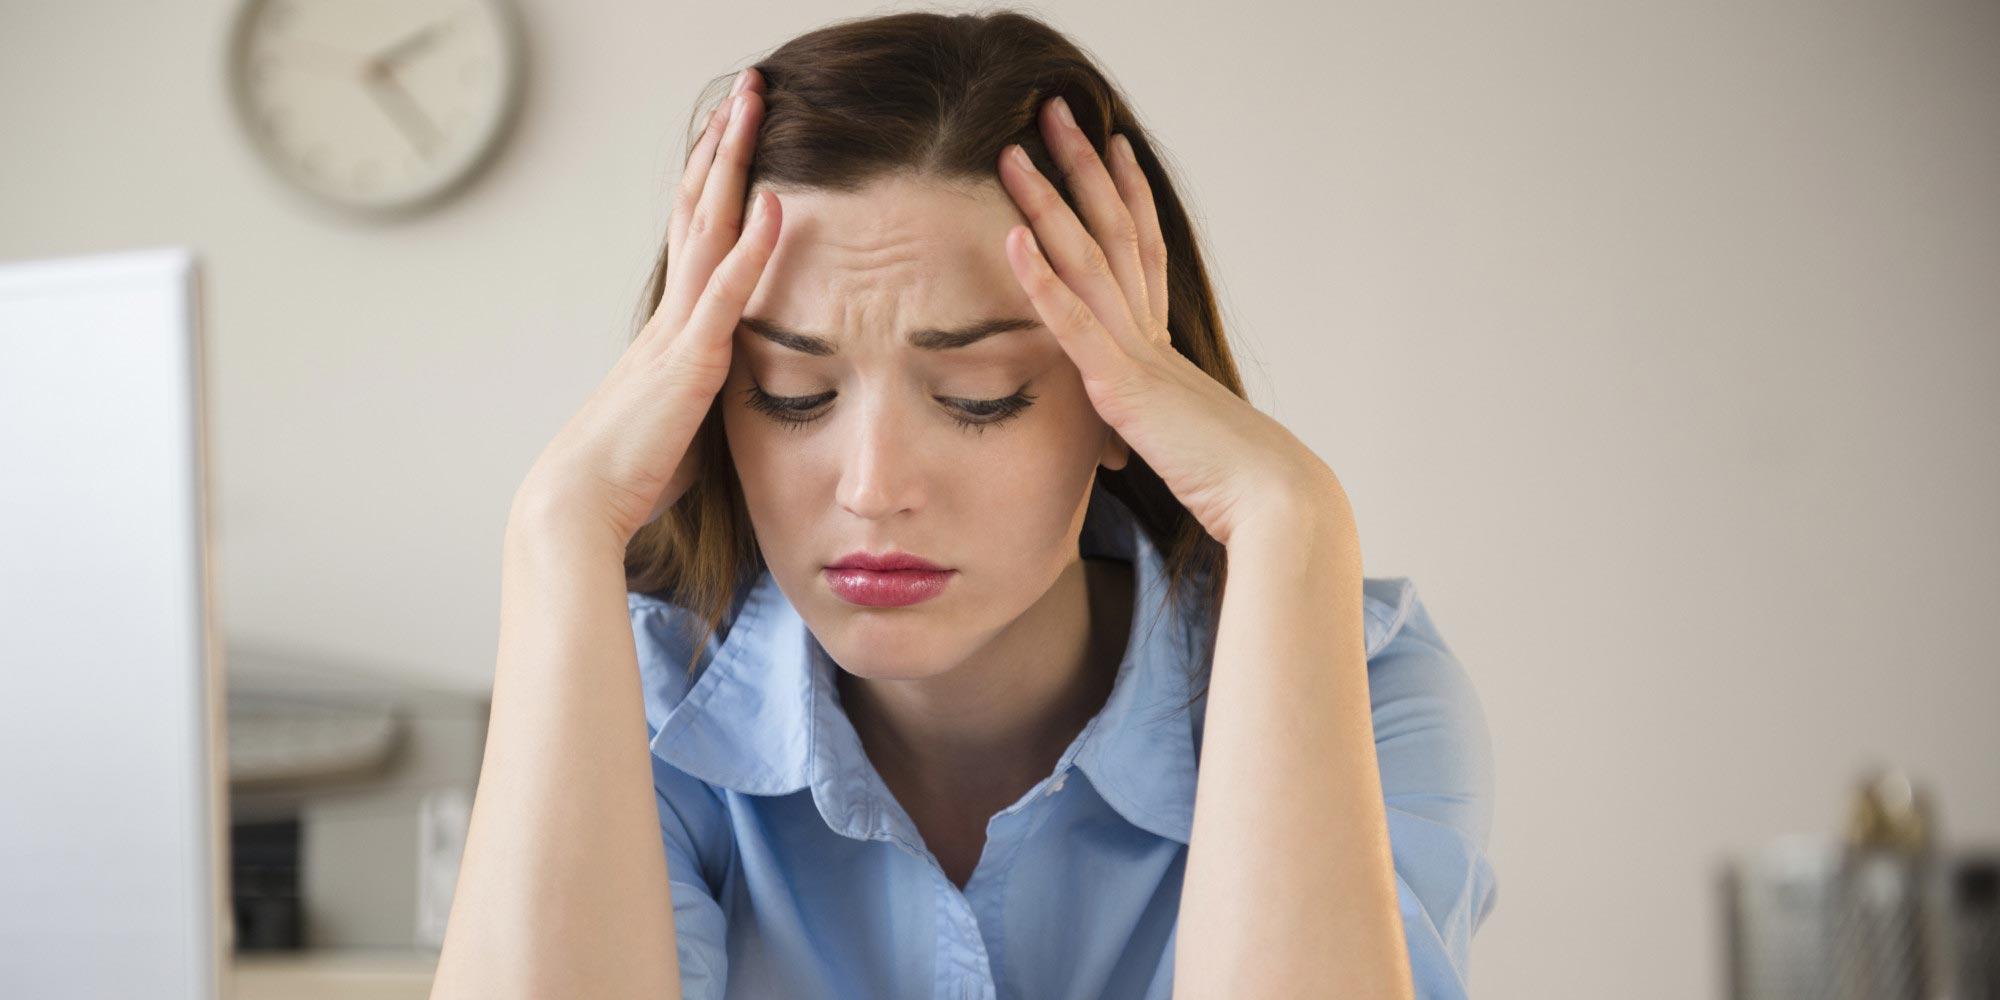 الفرق بين أعراض PMS و أعراض PMDD| أعراض الاضطراب المزعج السابق للحيض (PMDD) |